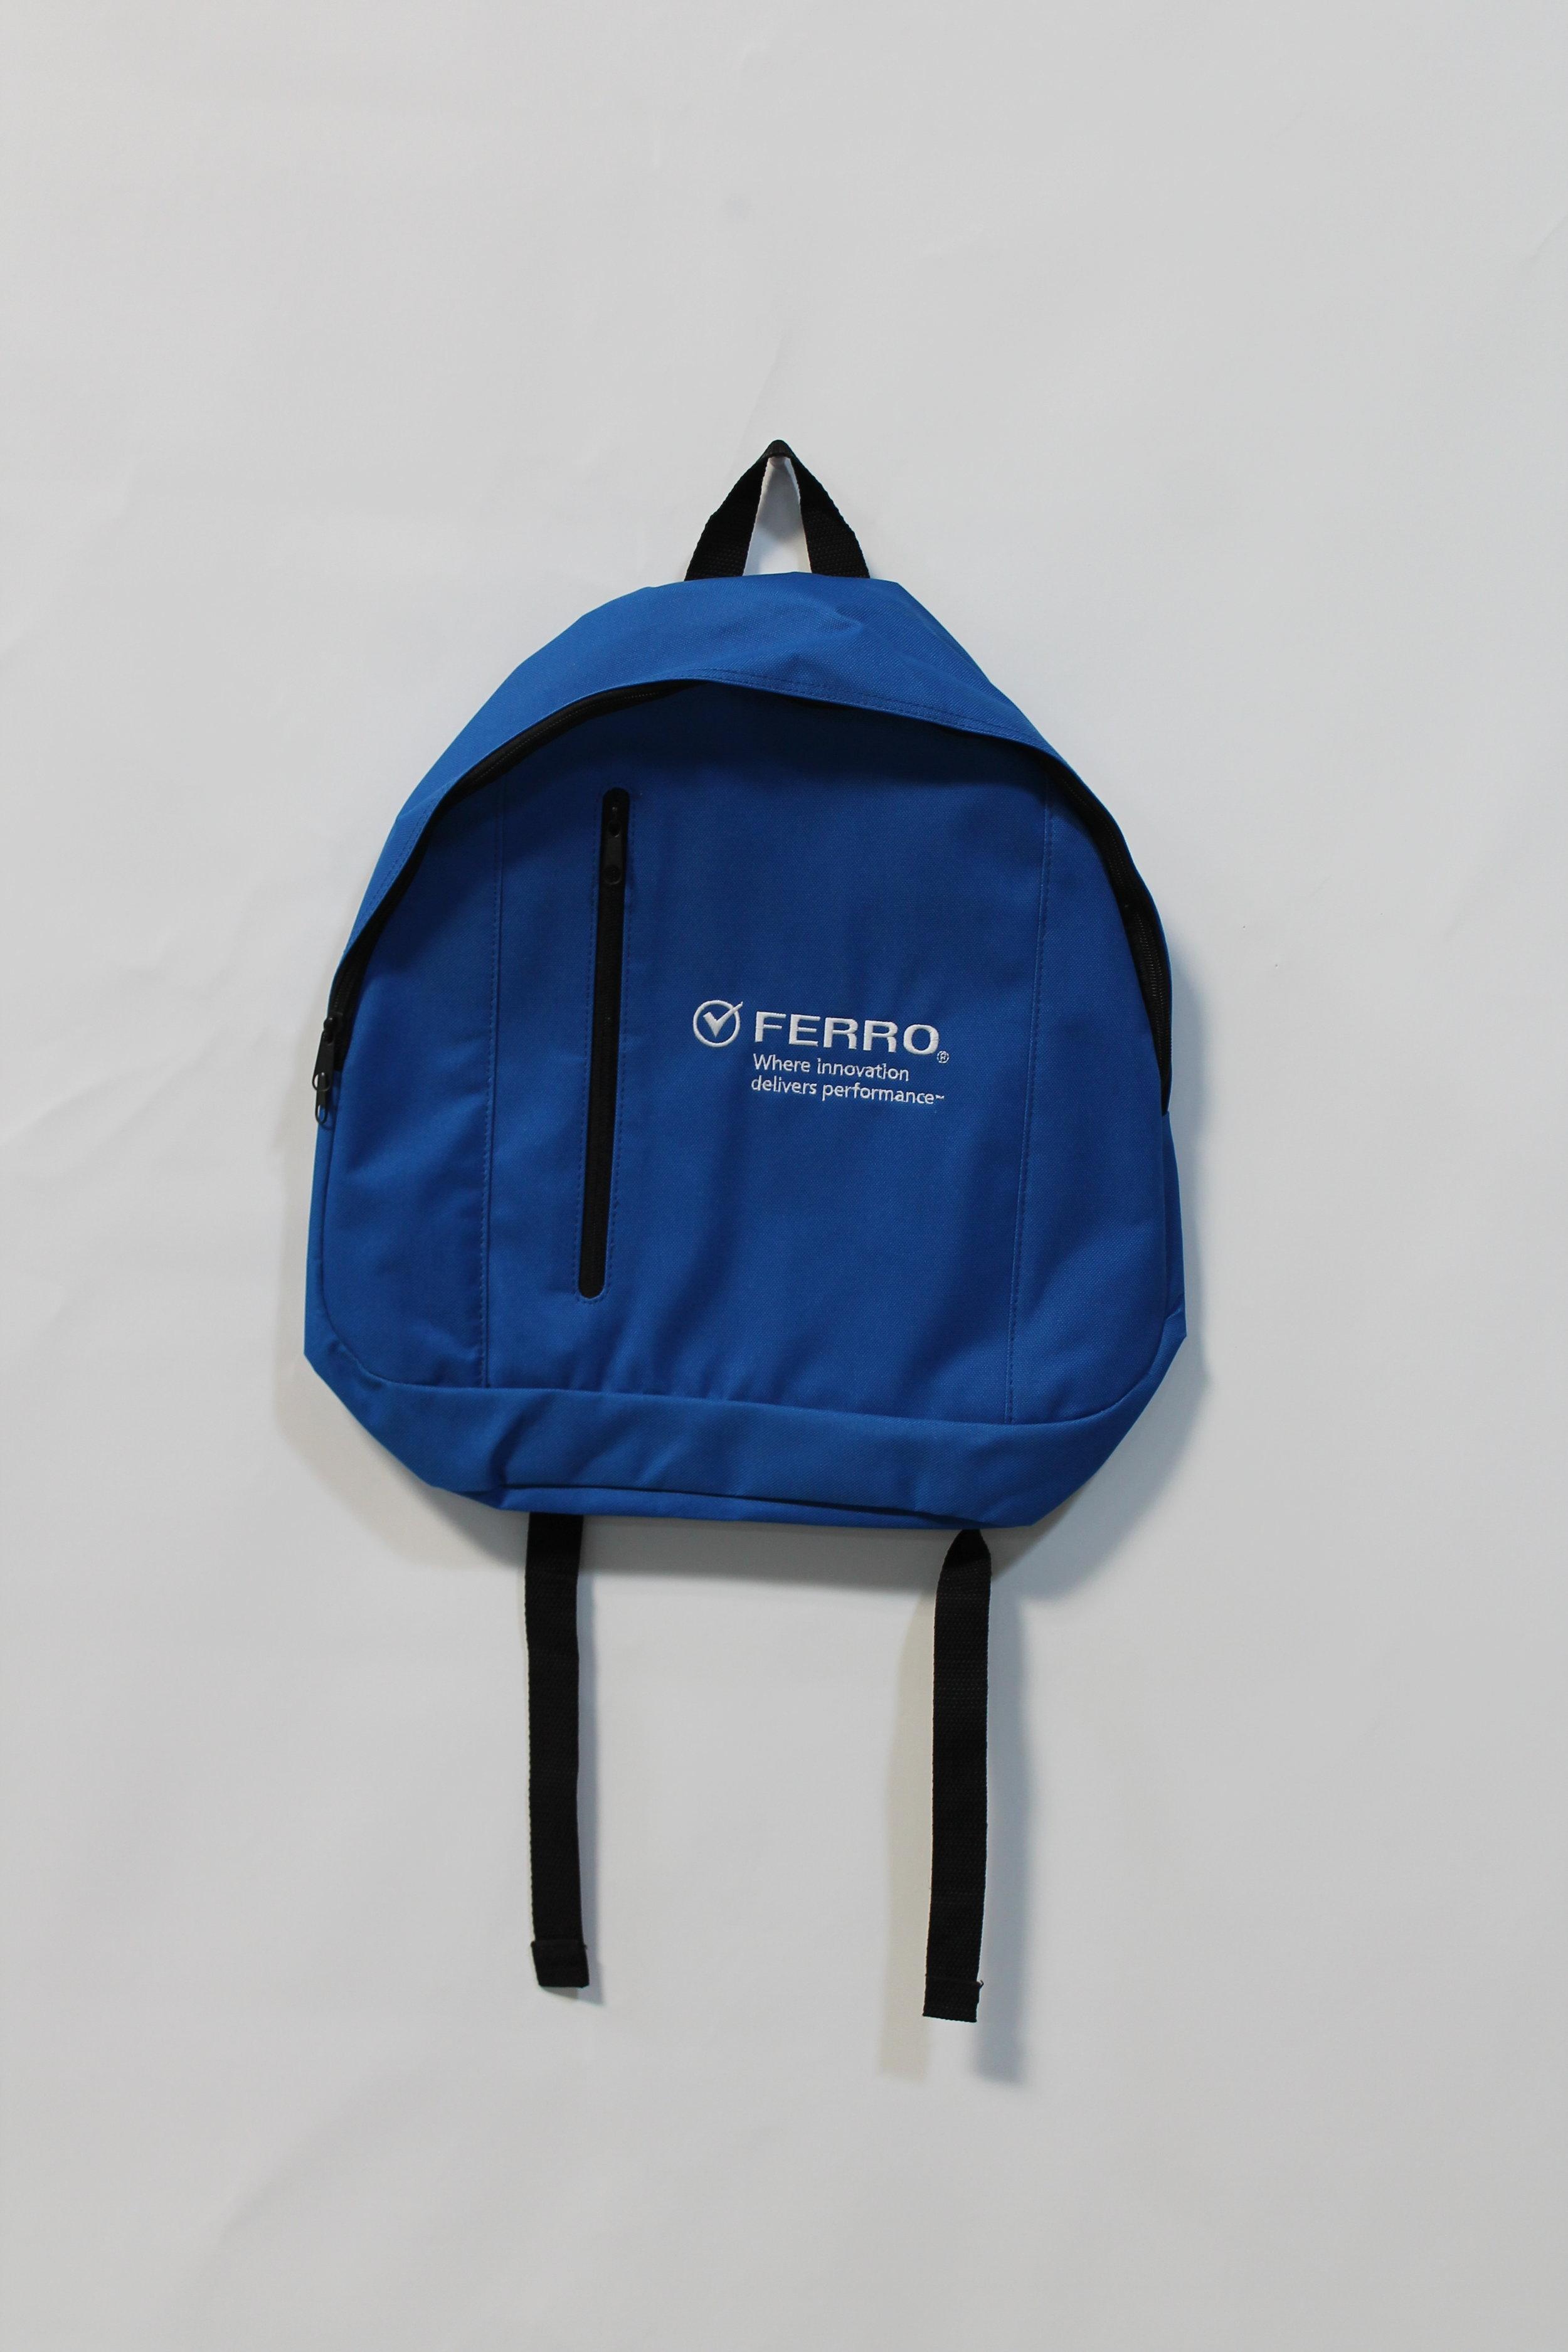 Ferro_Backpack.JPG